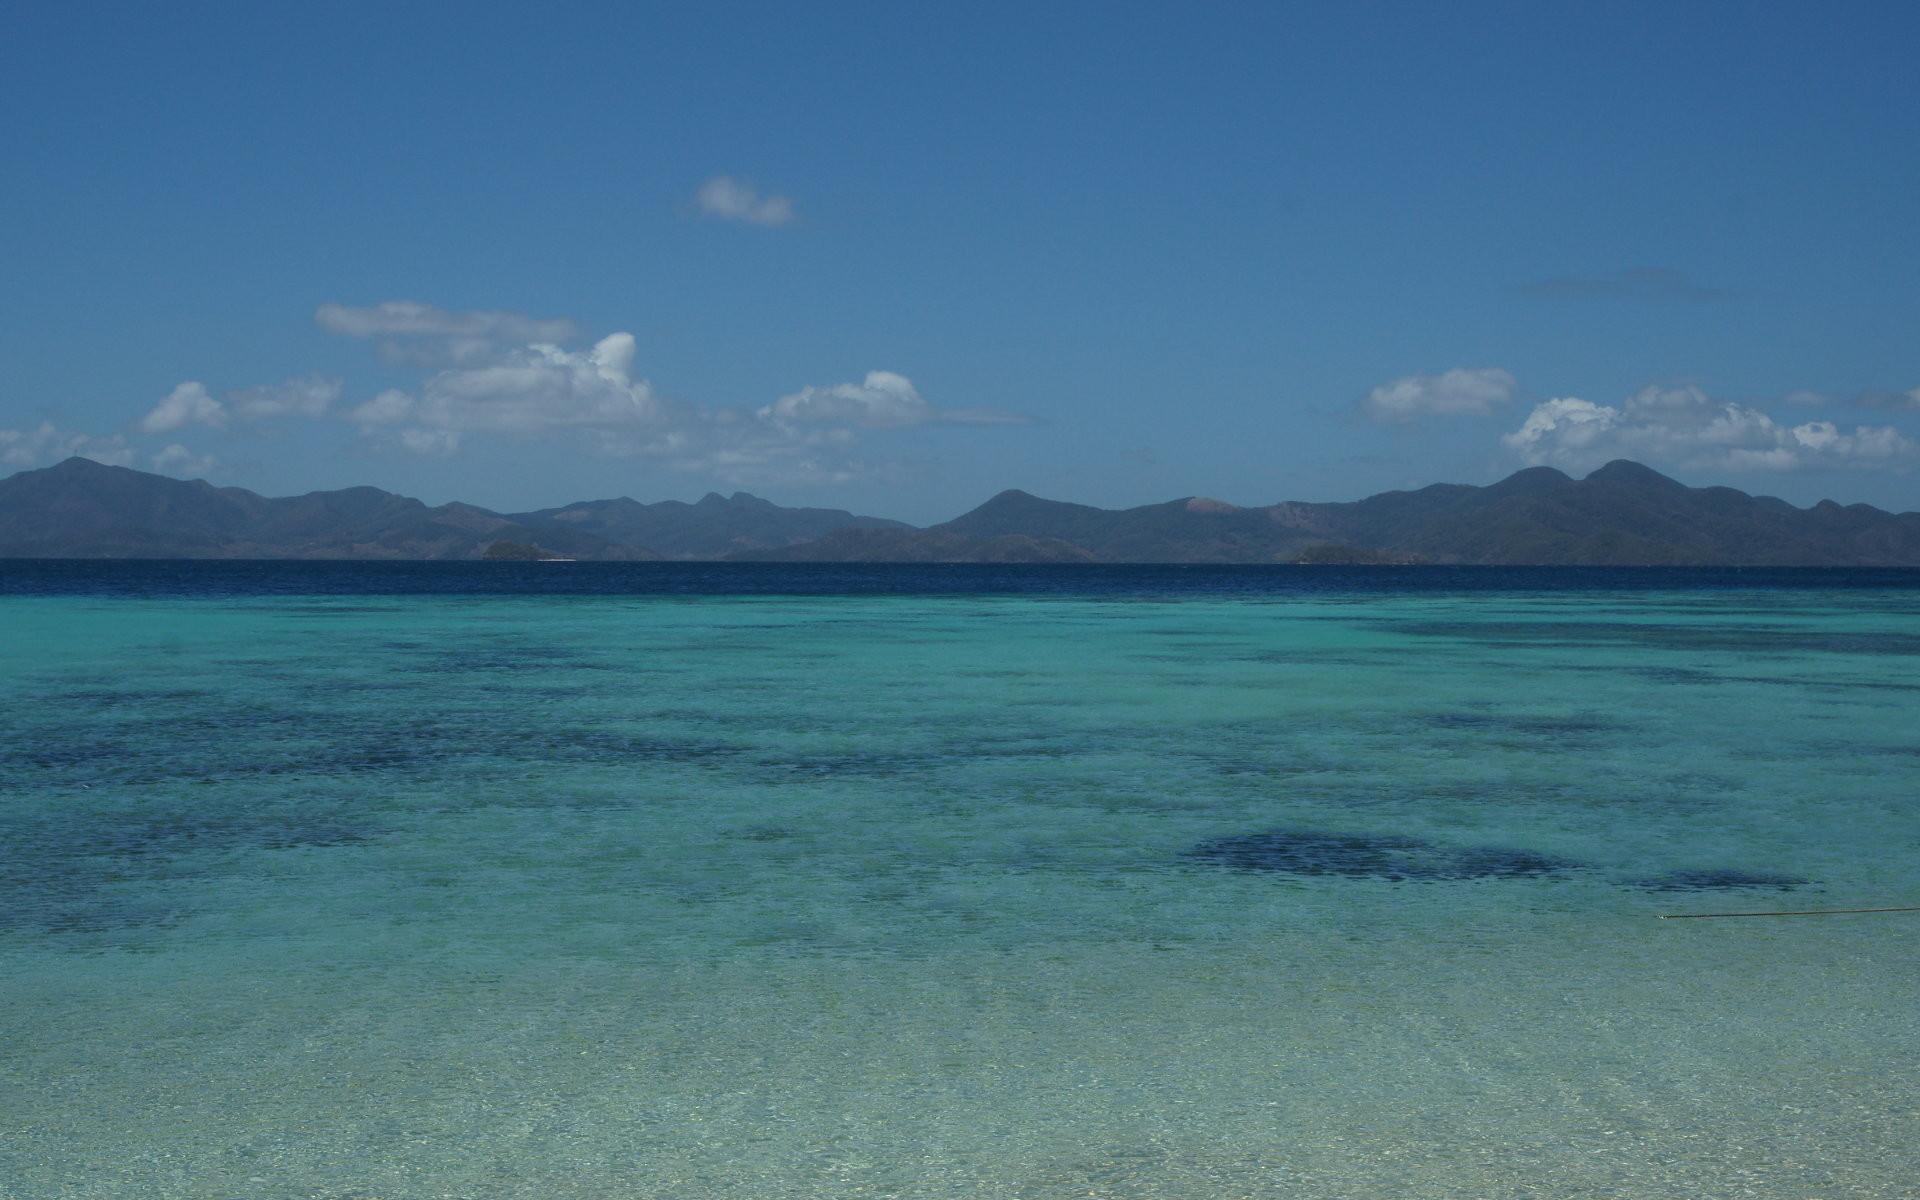 Source URL: https://www.smscs.com/photo/ocean_scenery_wallpaper